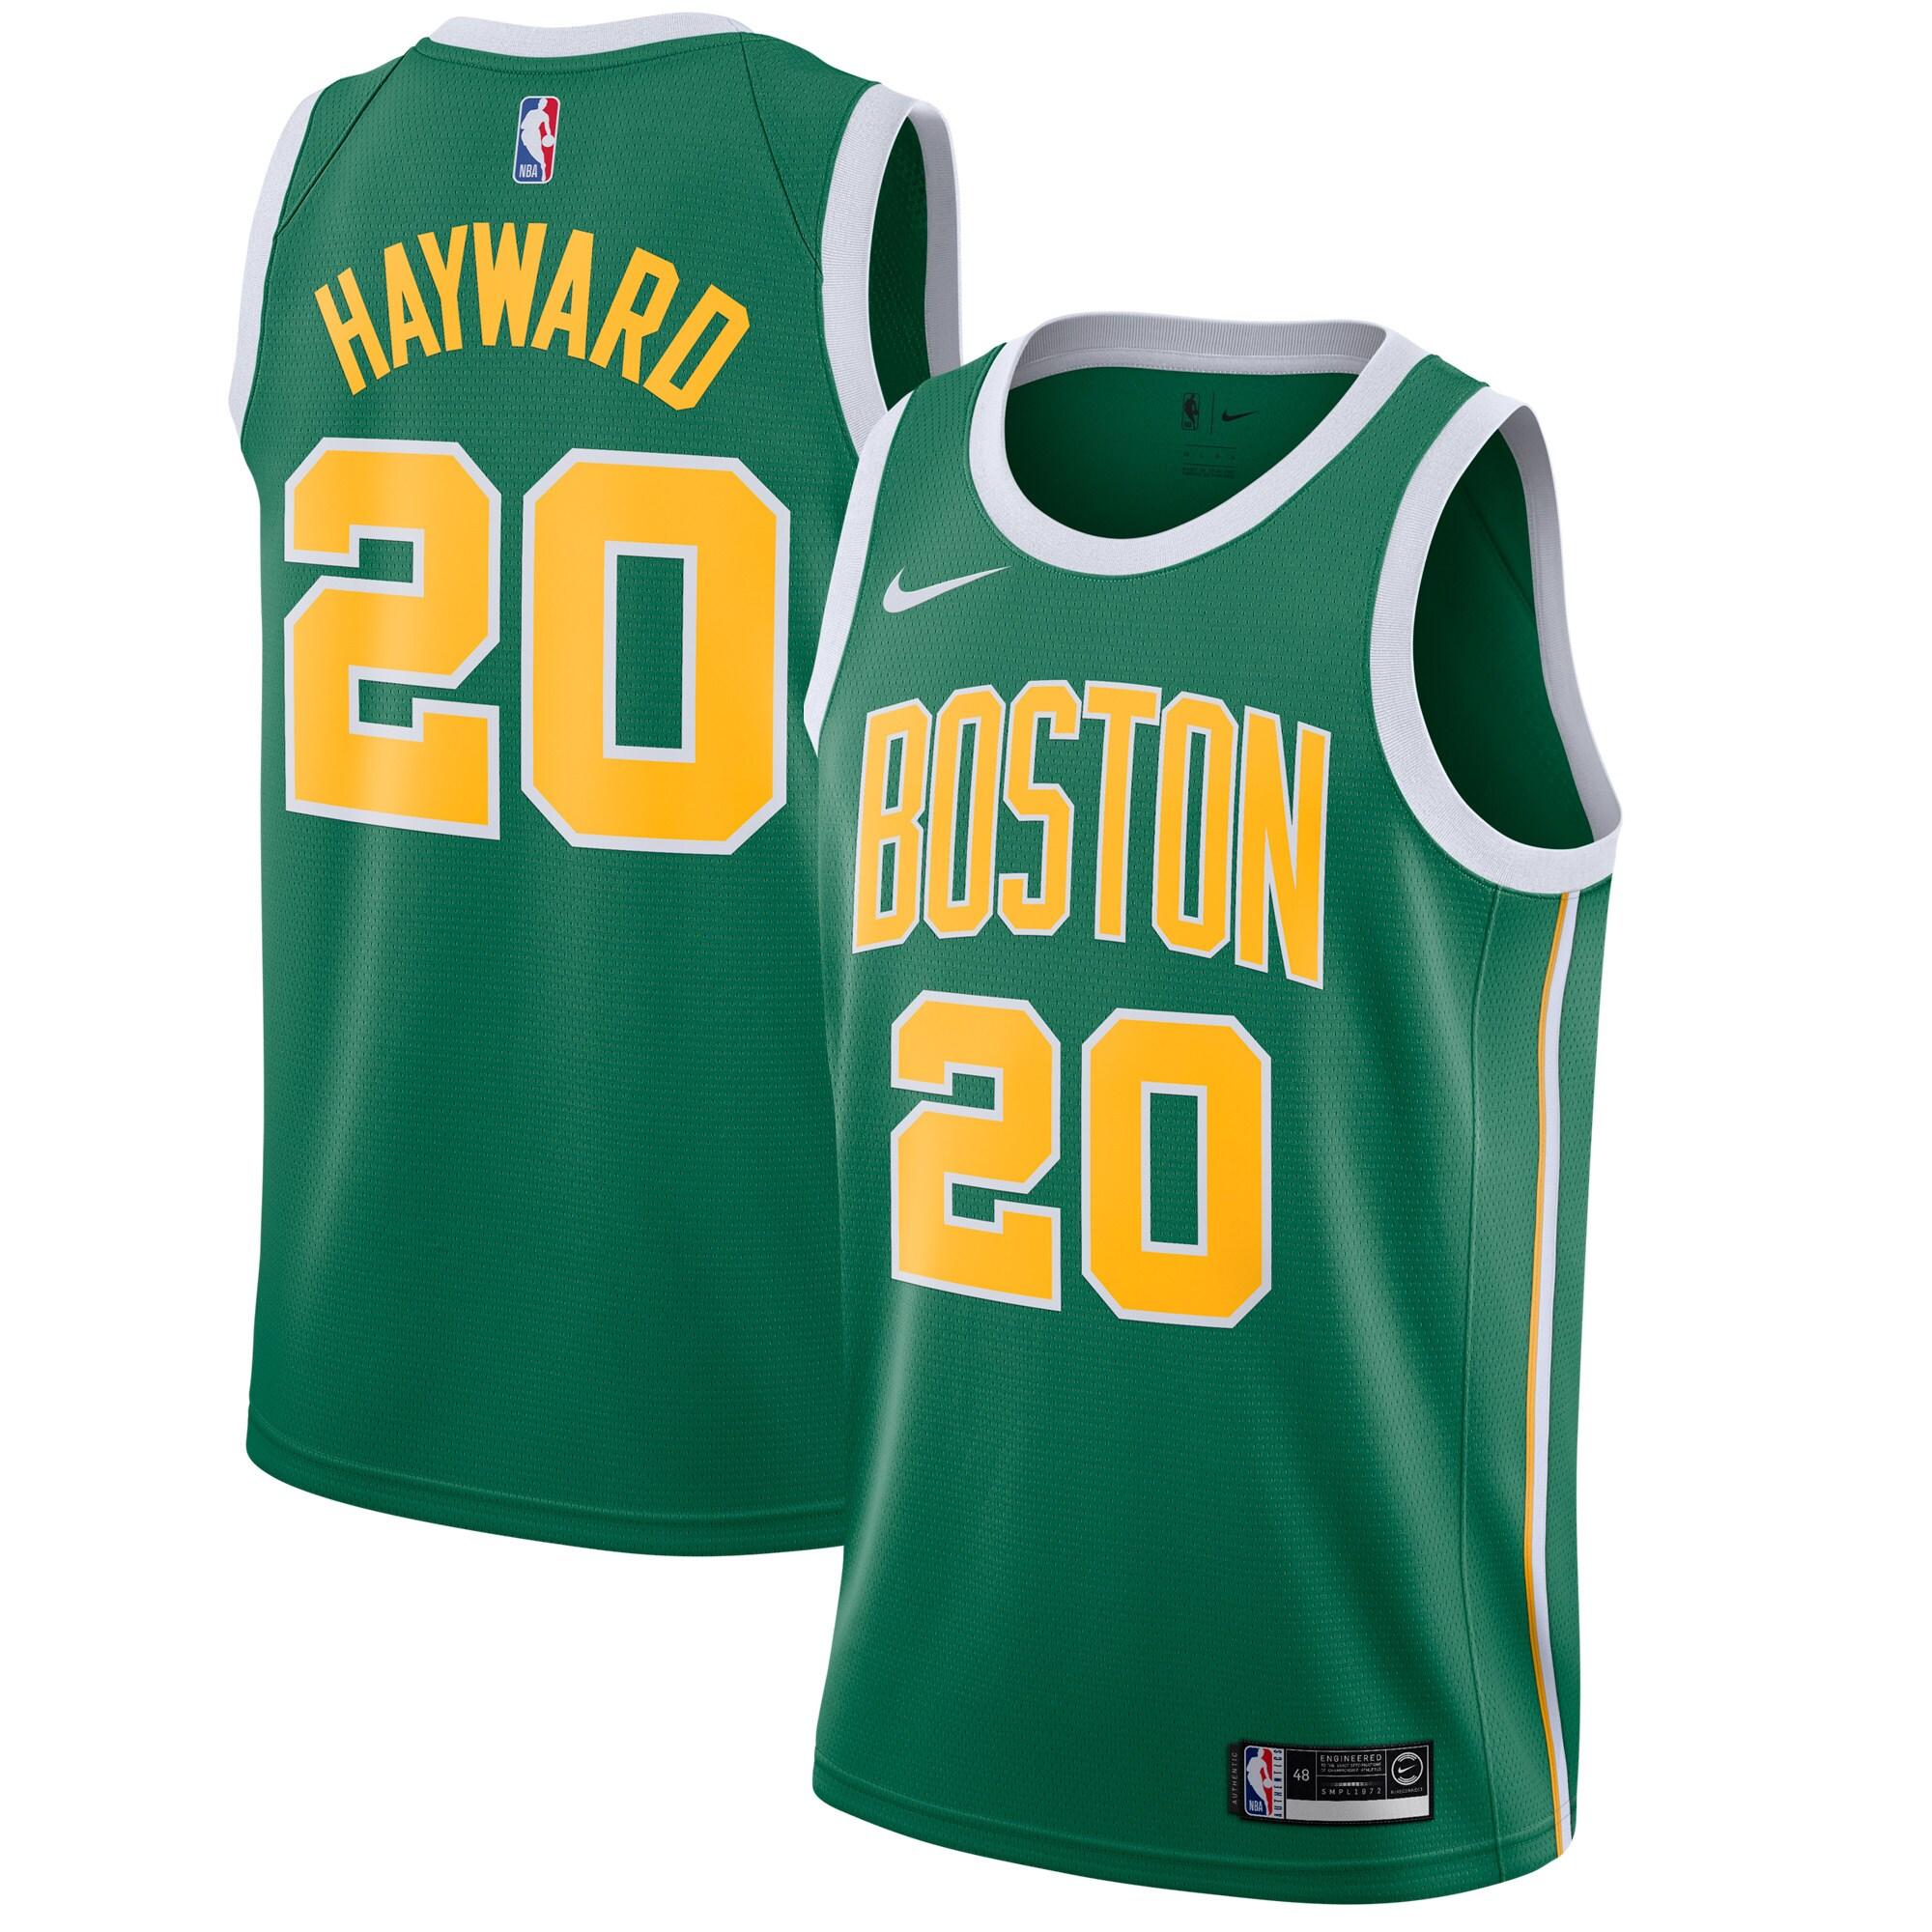 Gordon Hayward Boston Celtics Nike 2018/19 Swingman Jersey Green - Earned Edition